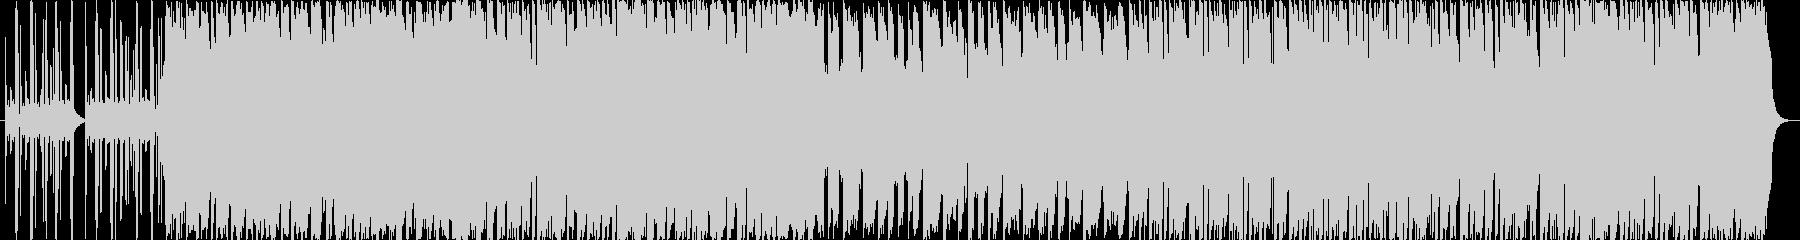 遊び心あるワクワクピアノBGM(CM)の未再生の波形